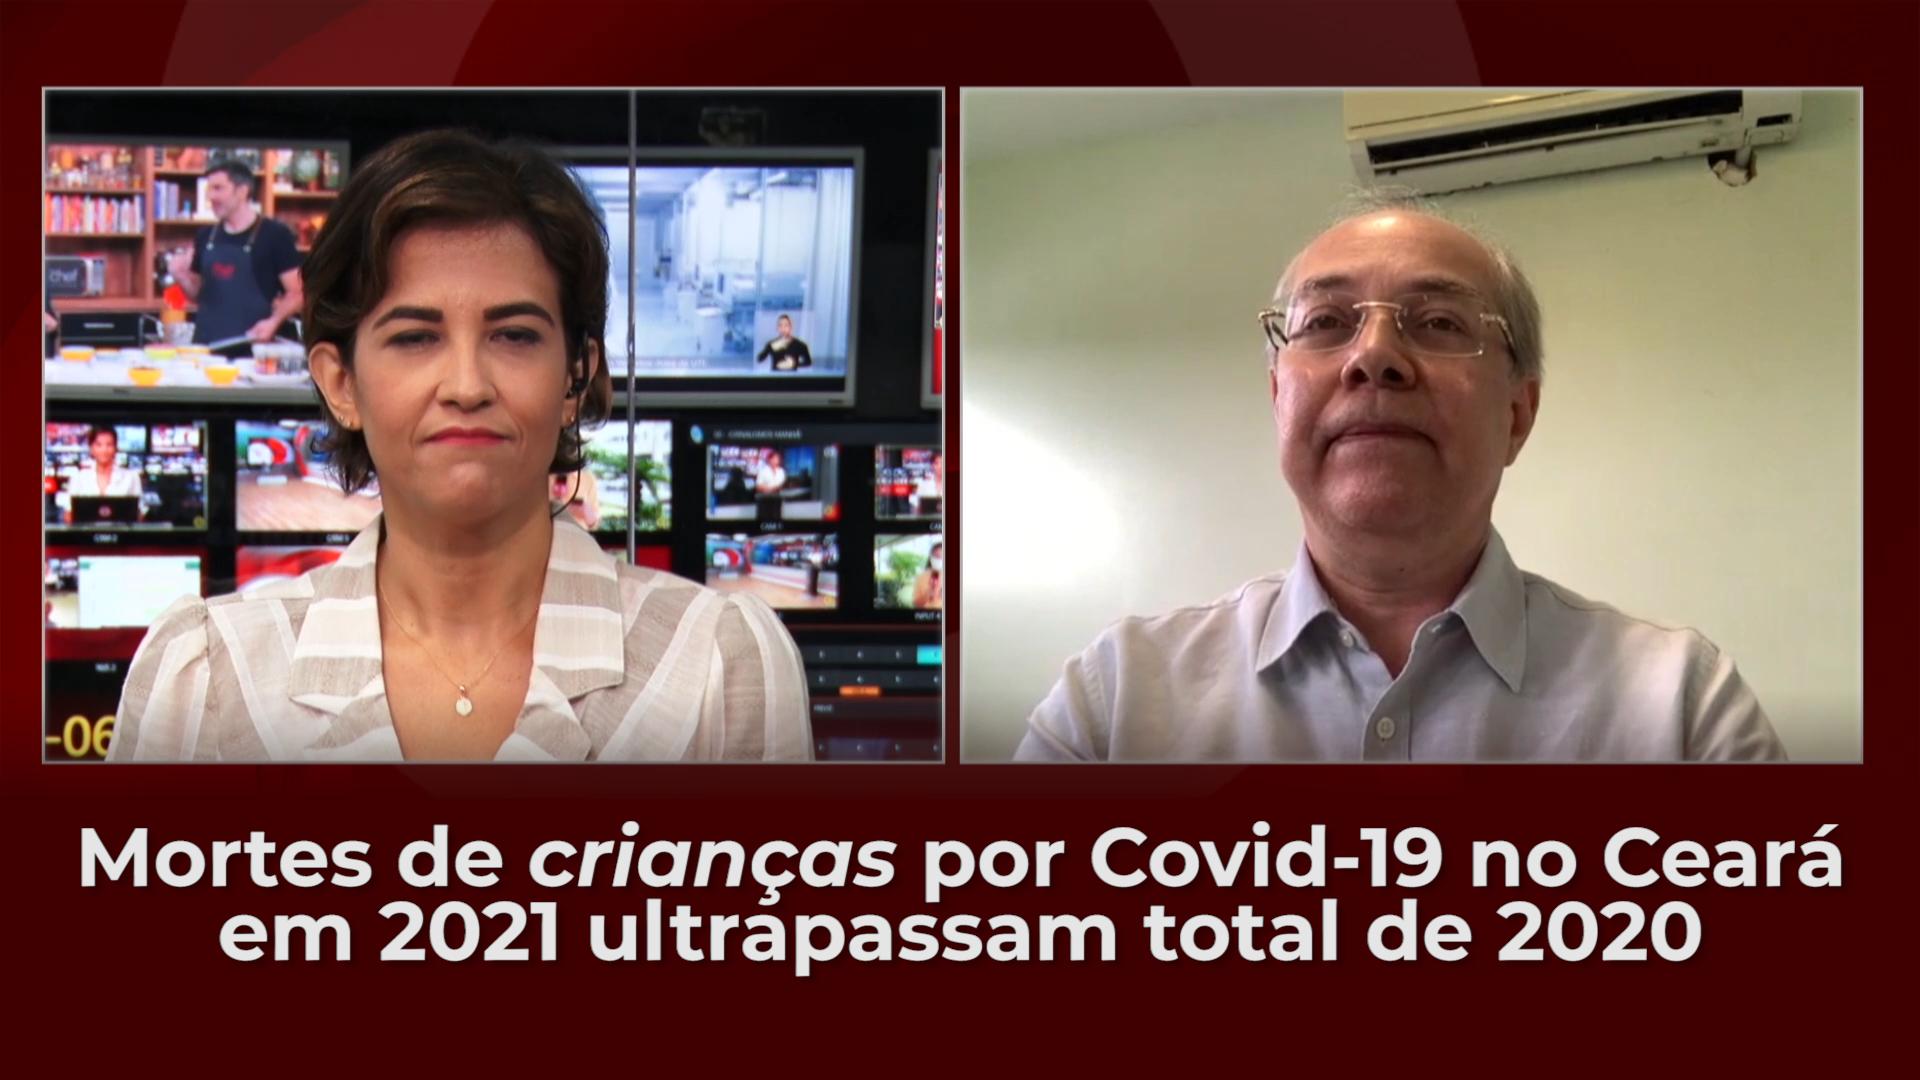 Mortes de crianças por Covid-19 no Ceará em 2021 ultrapassam total de 2020